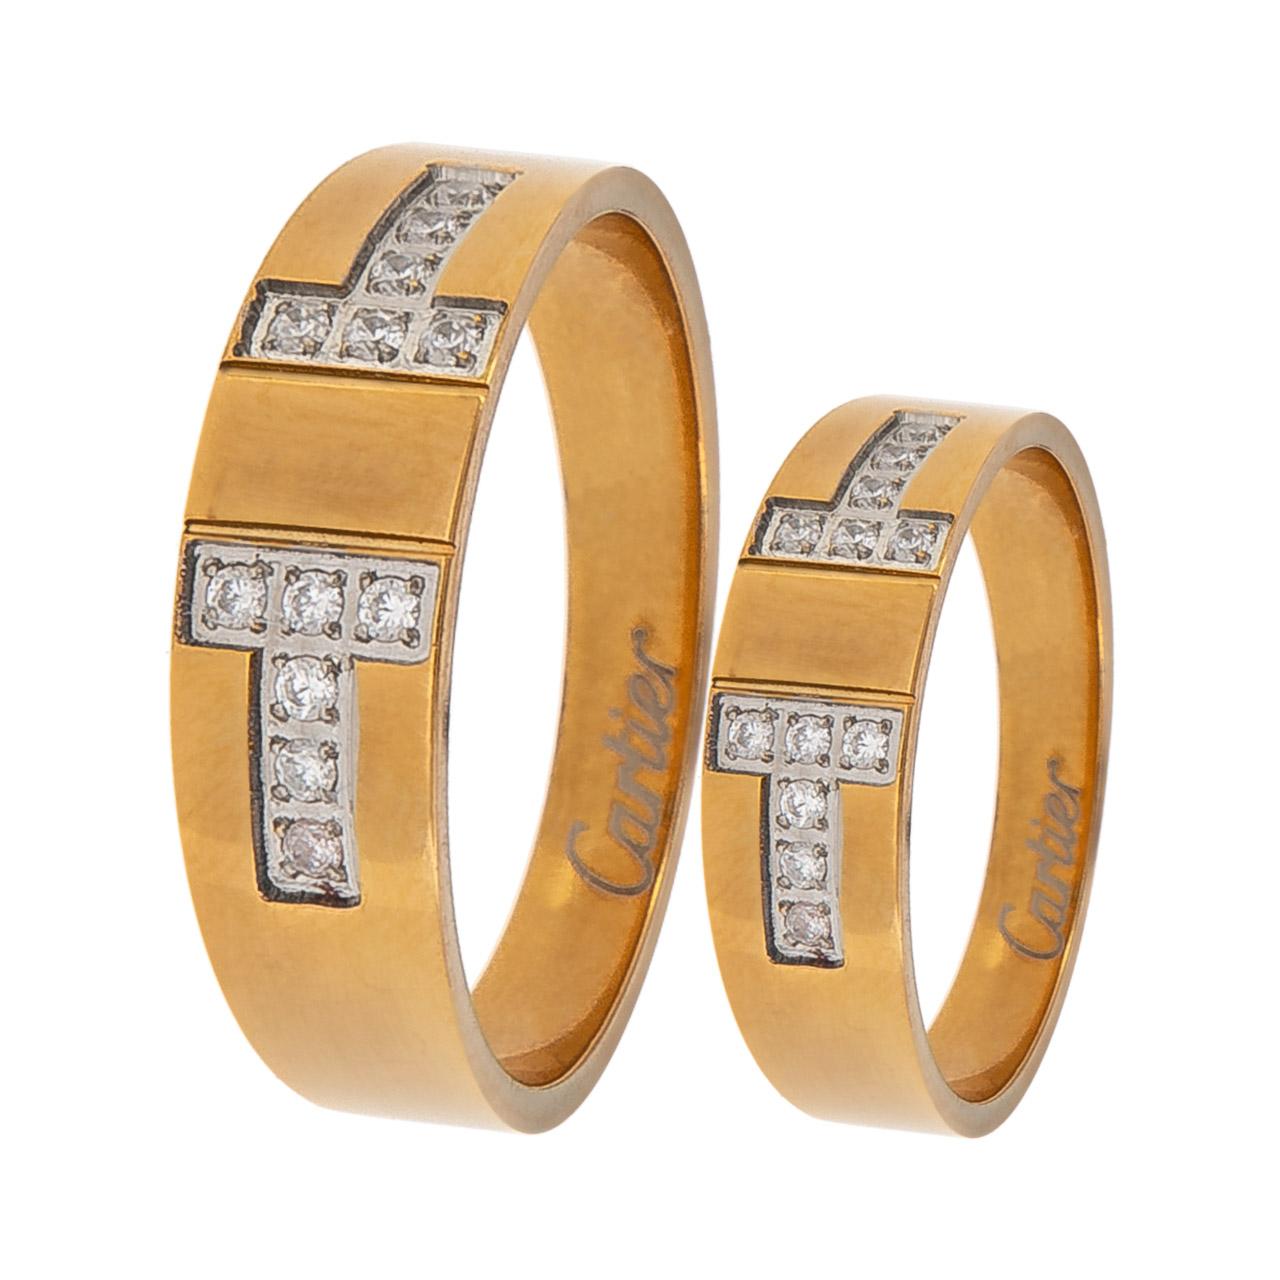 ست انگشتر زنانه و مردانه مون لایت کد R2213